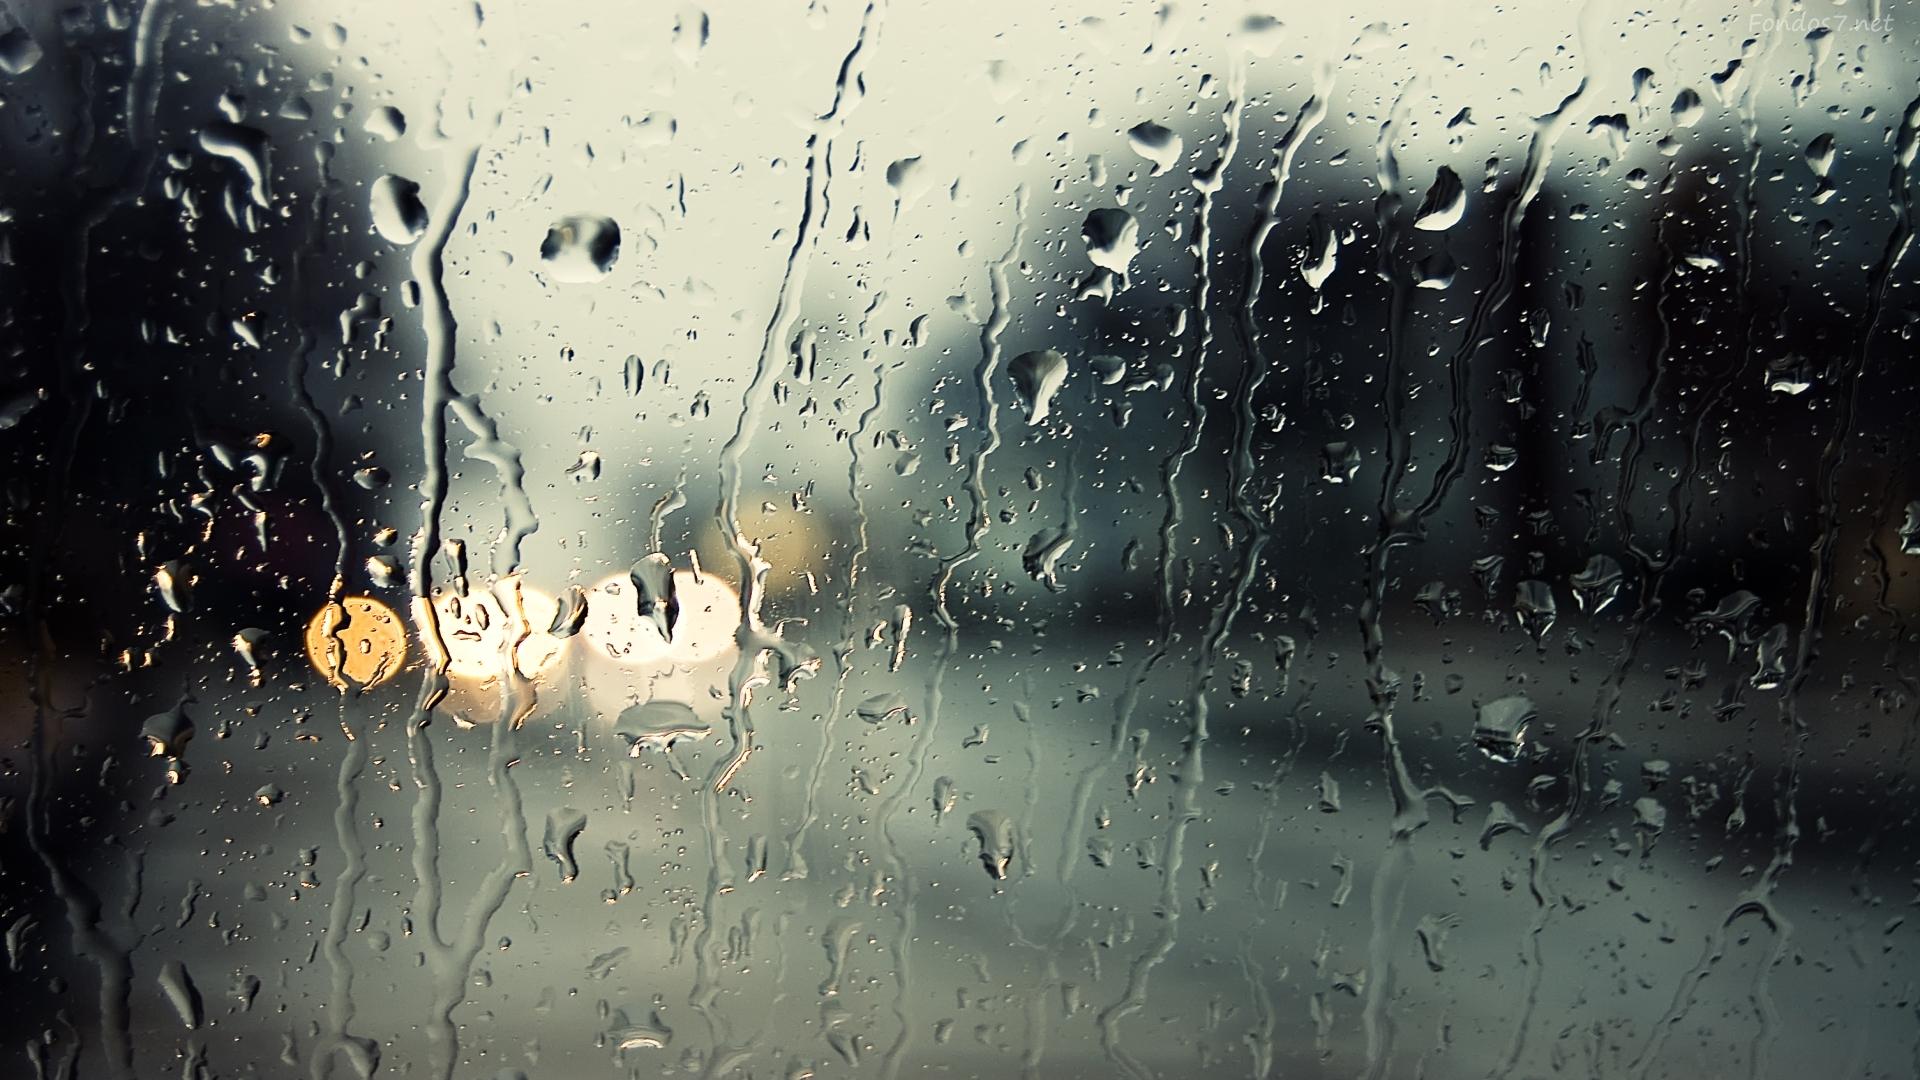 Imagen de efecto lluvia